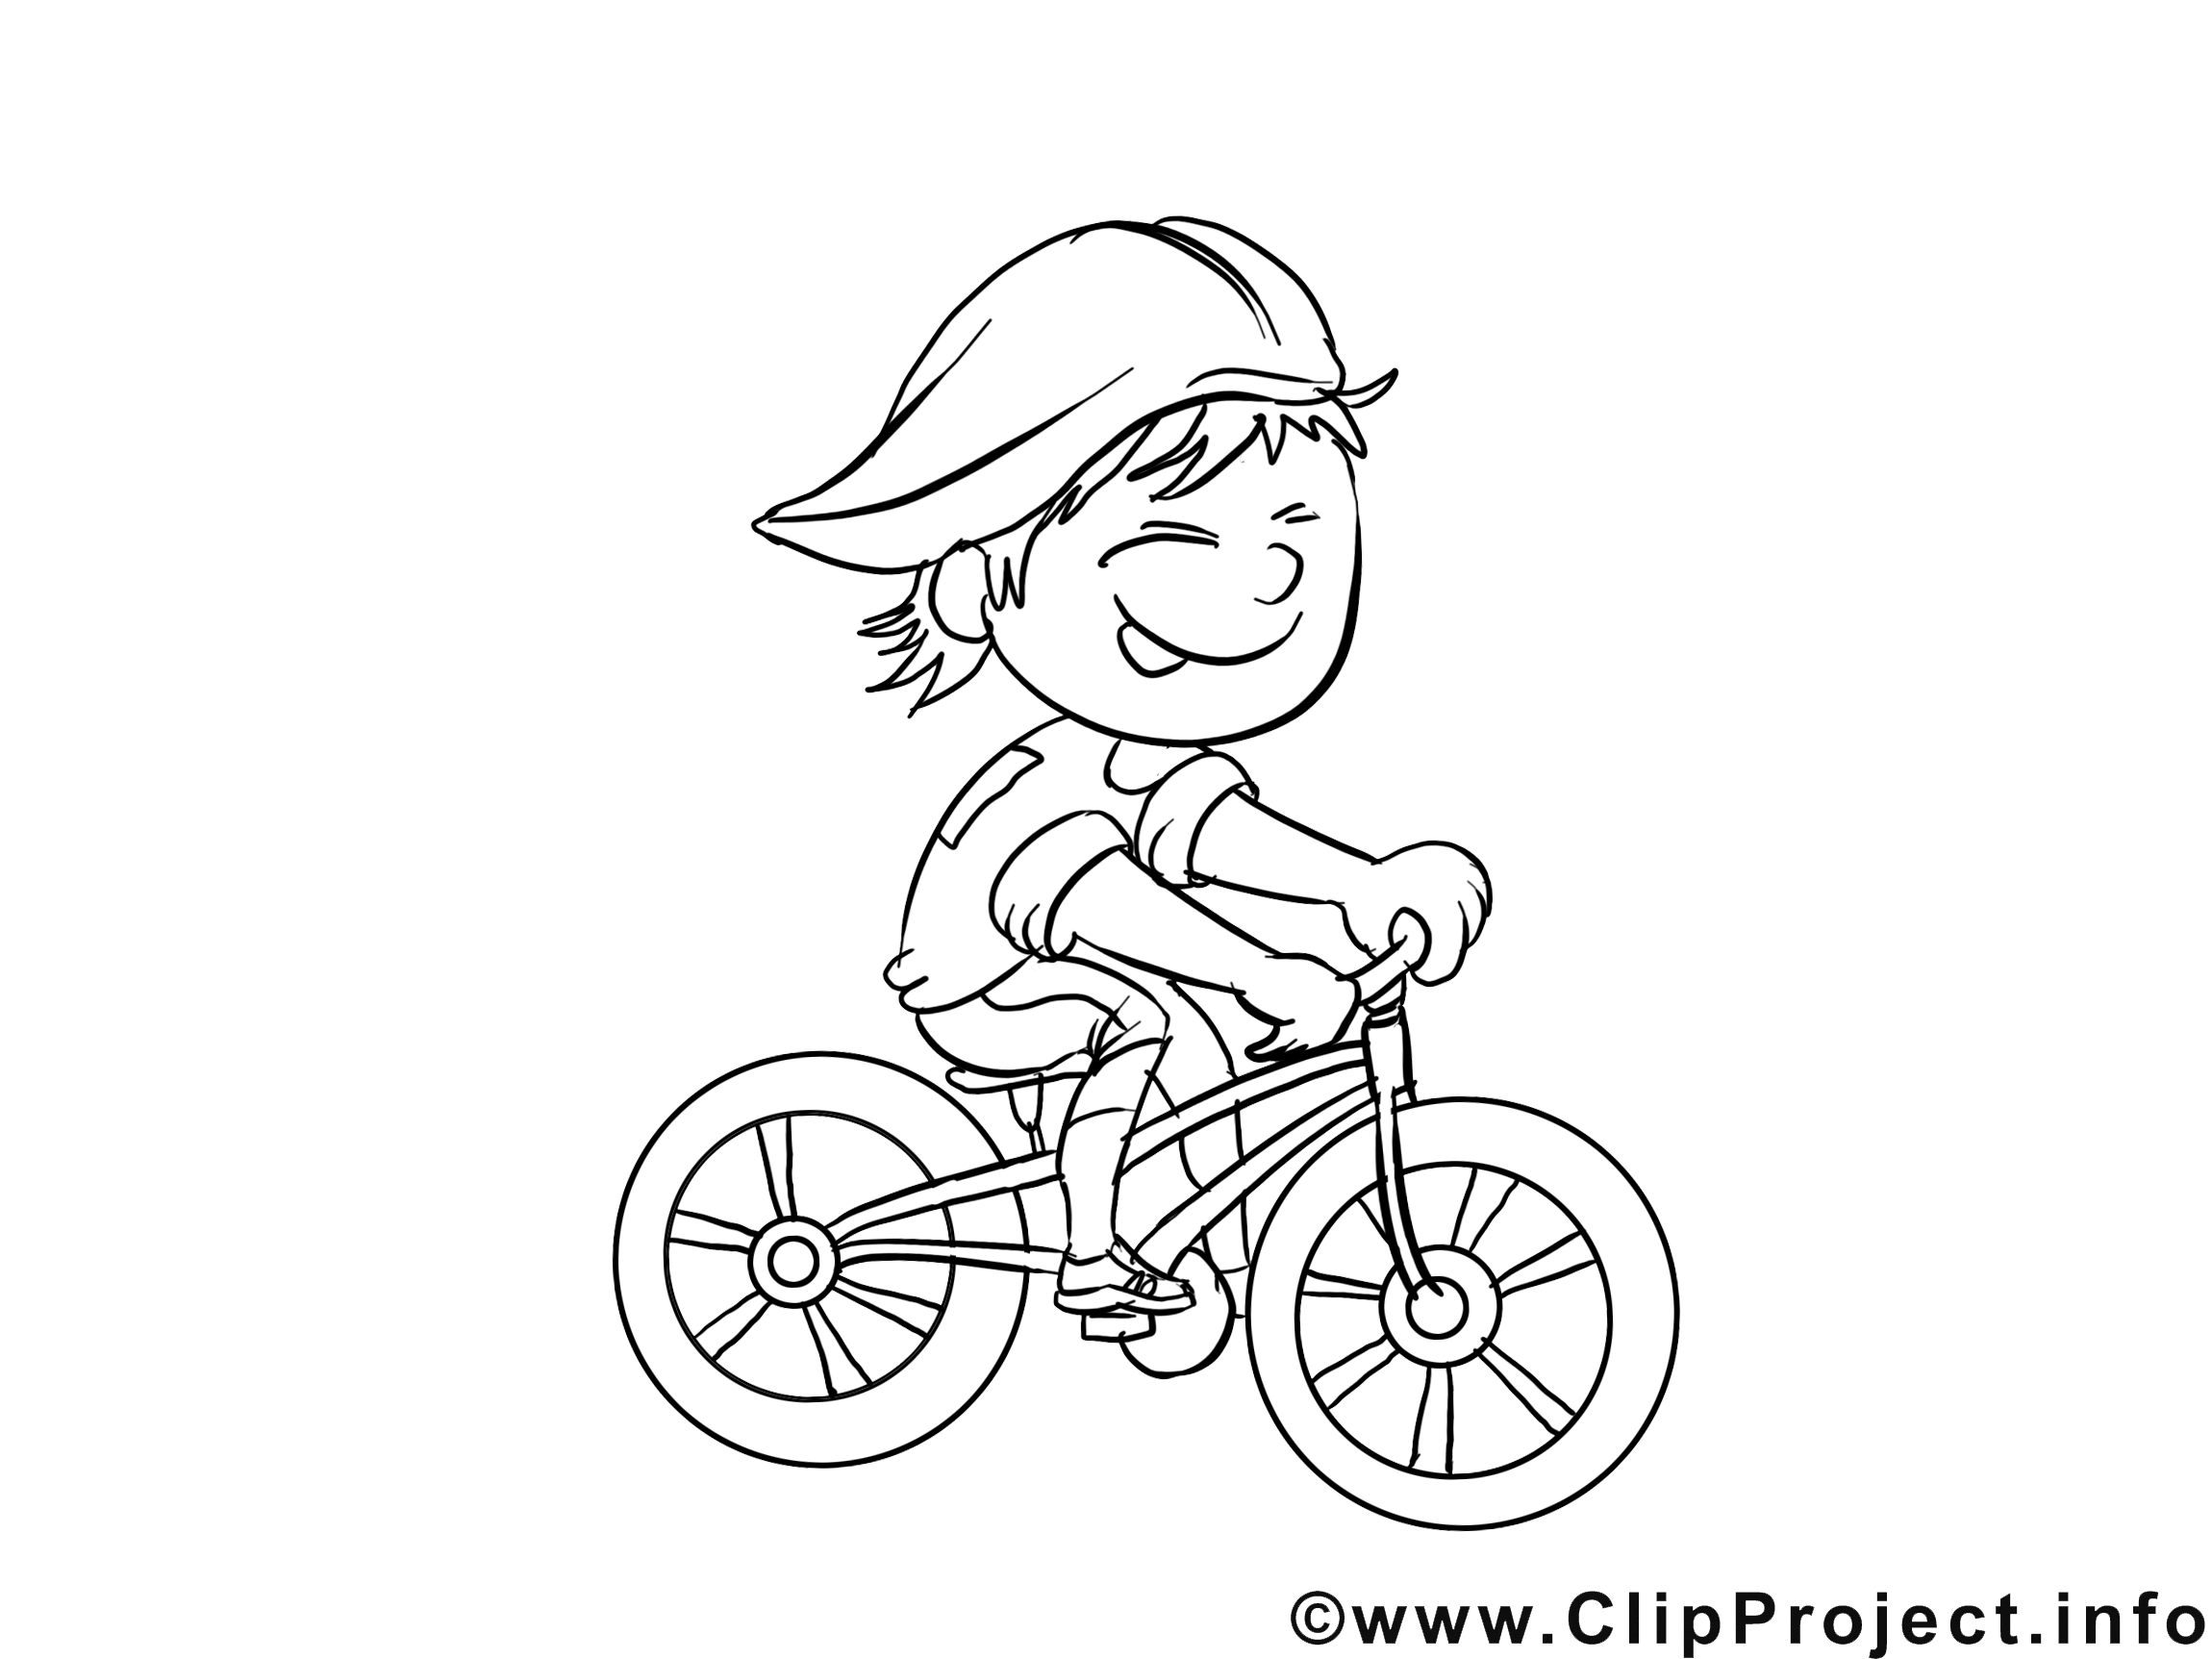 Cycliste dessin t l charger m tiers colorier - Cycliste dessin ...